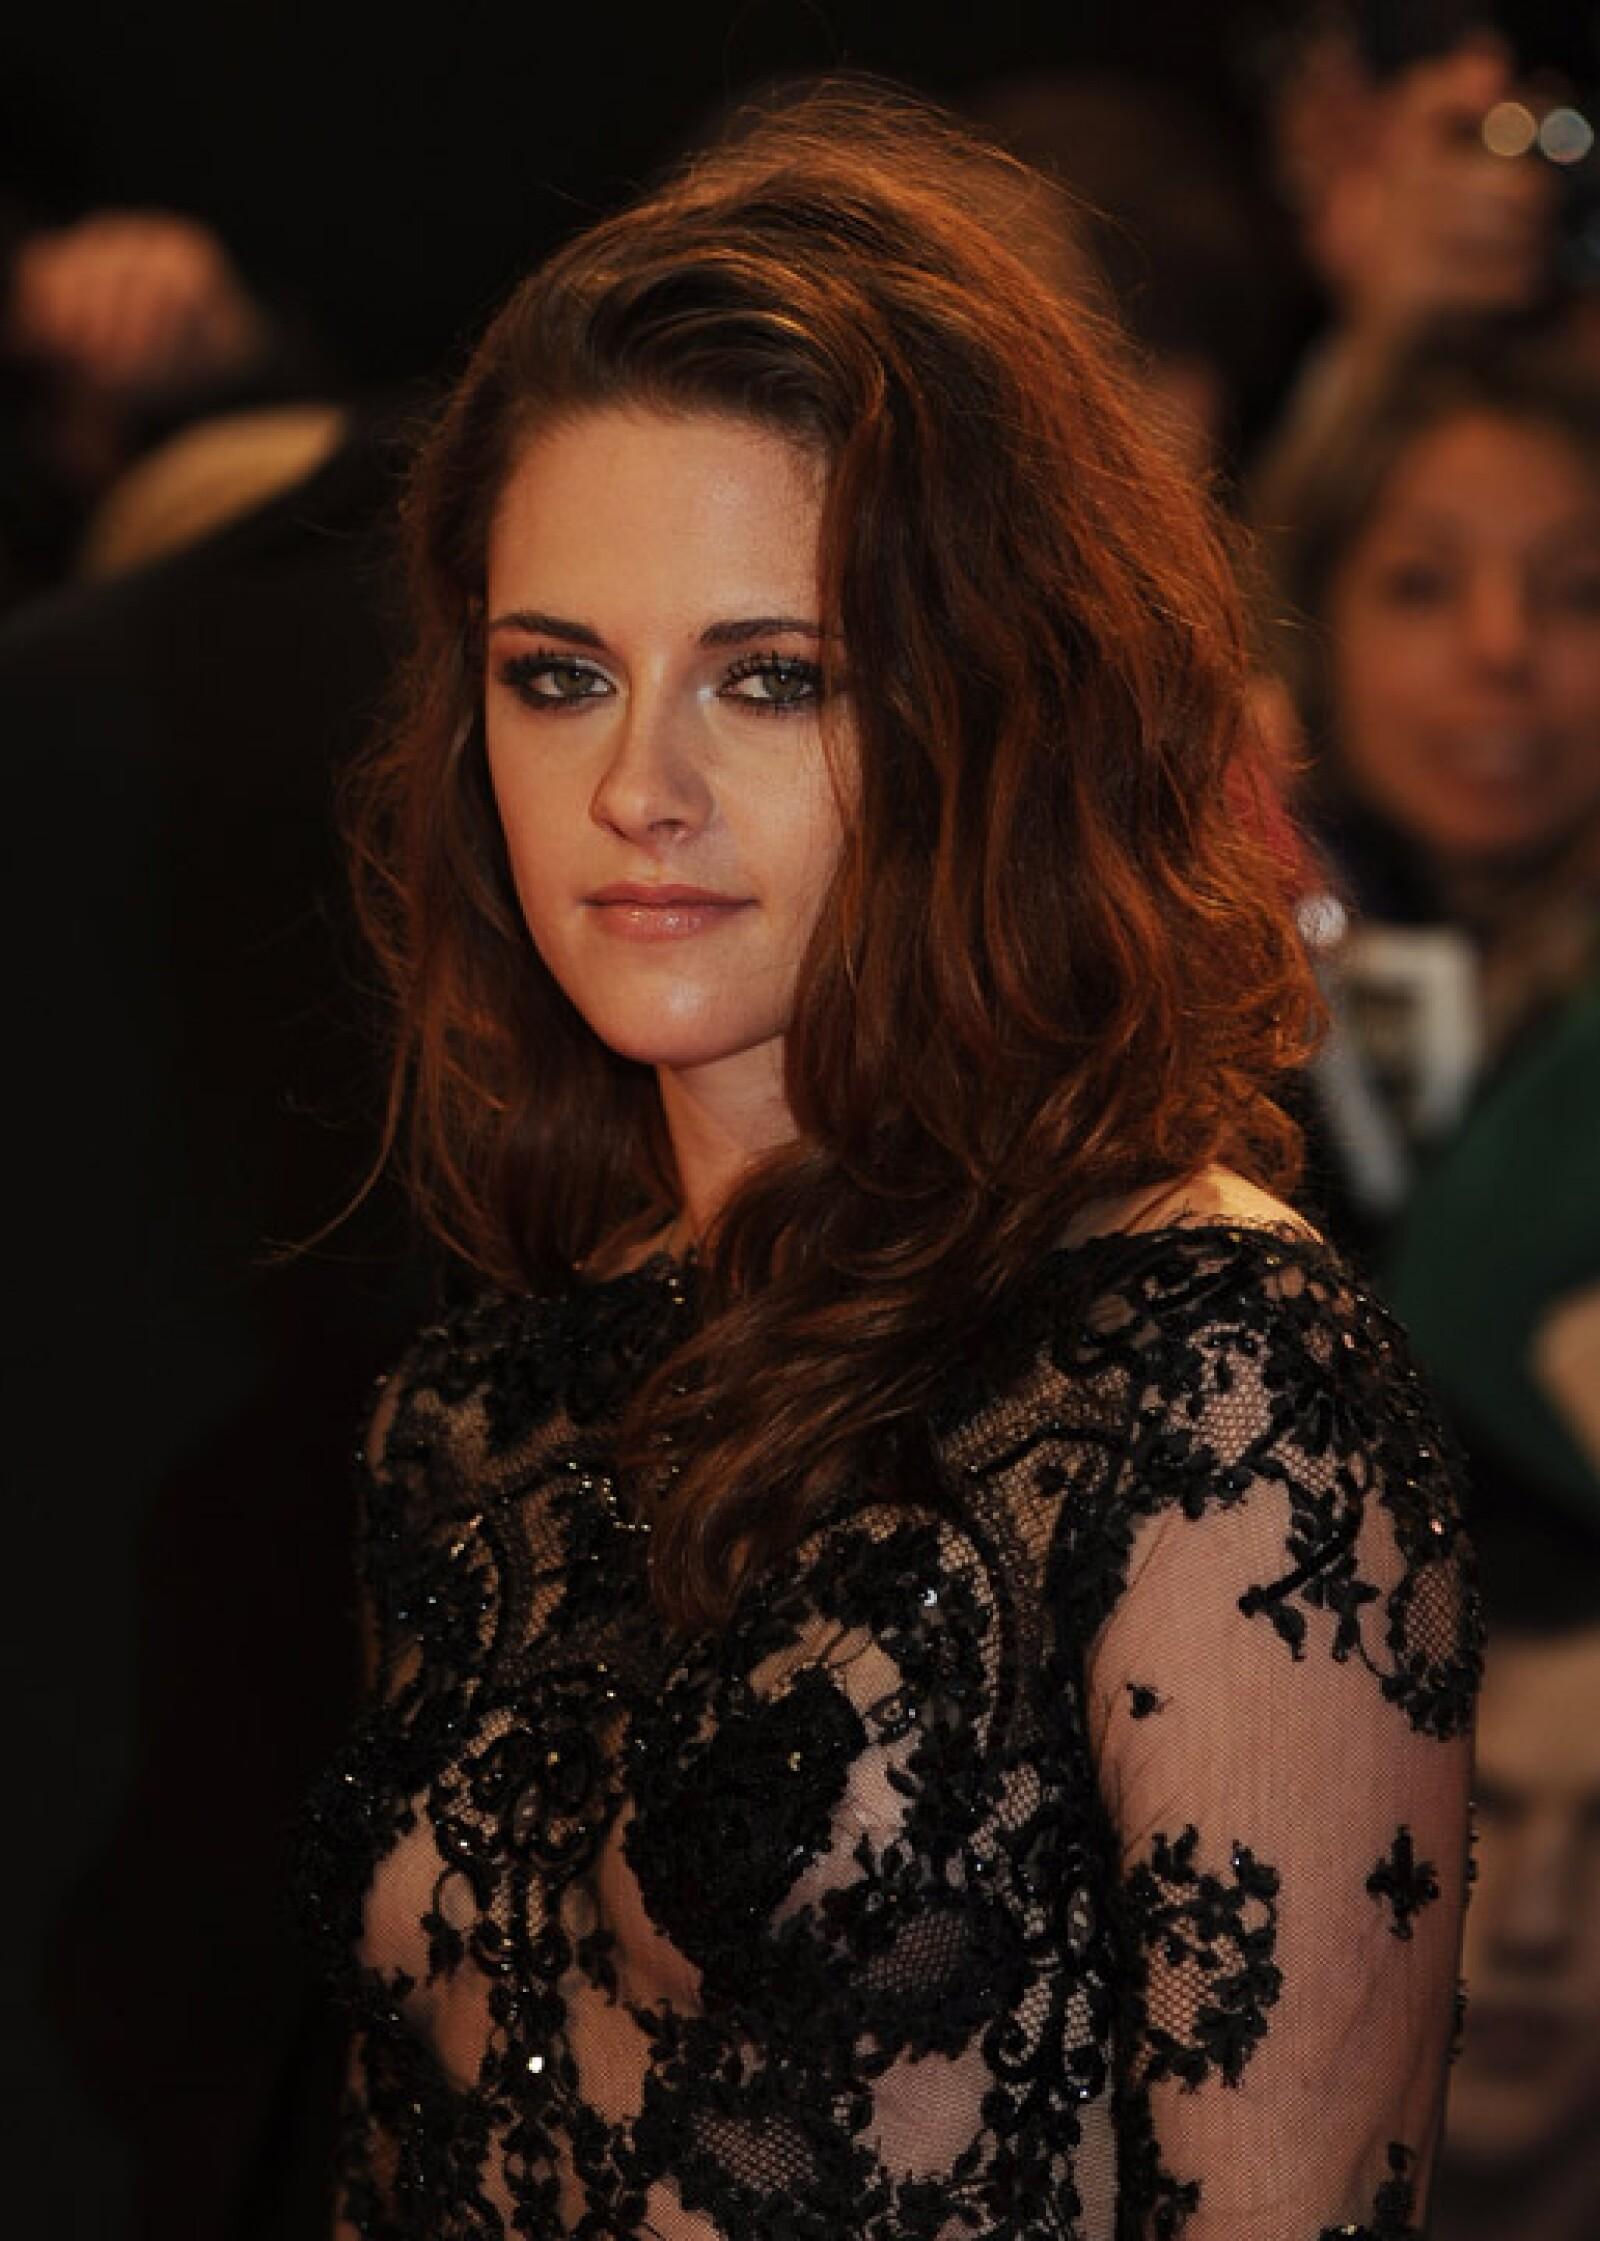 Kristen, de 22 años, ya está olvidando sus Converse, ahora luce más glamorosa.